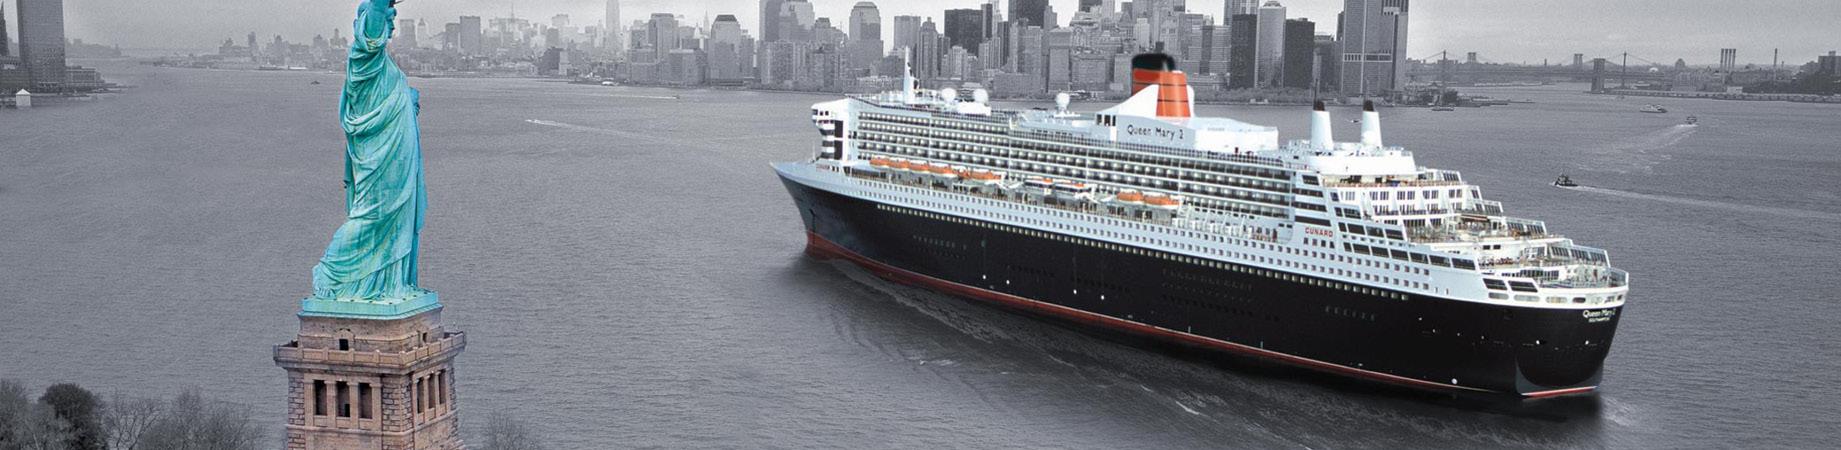 Burke's Brilliant Cruises